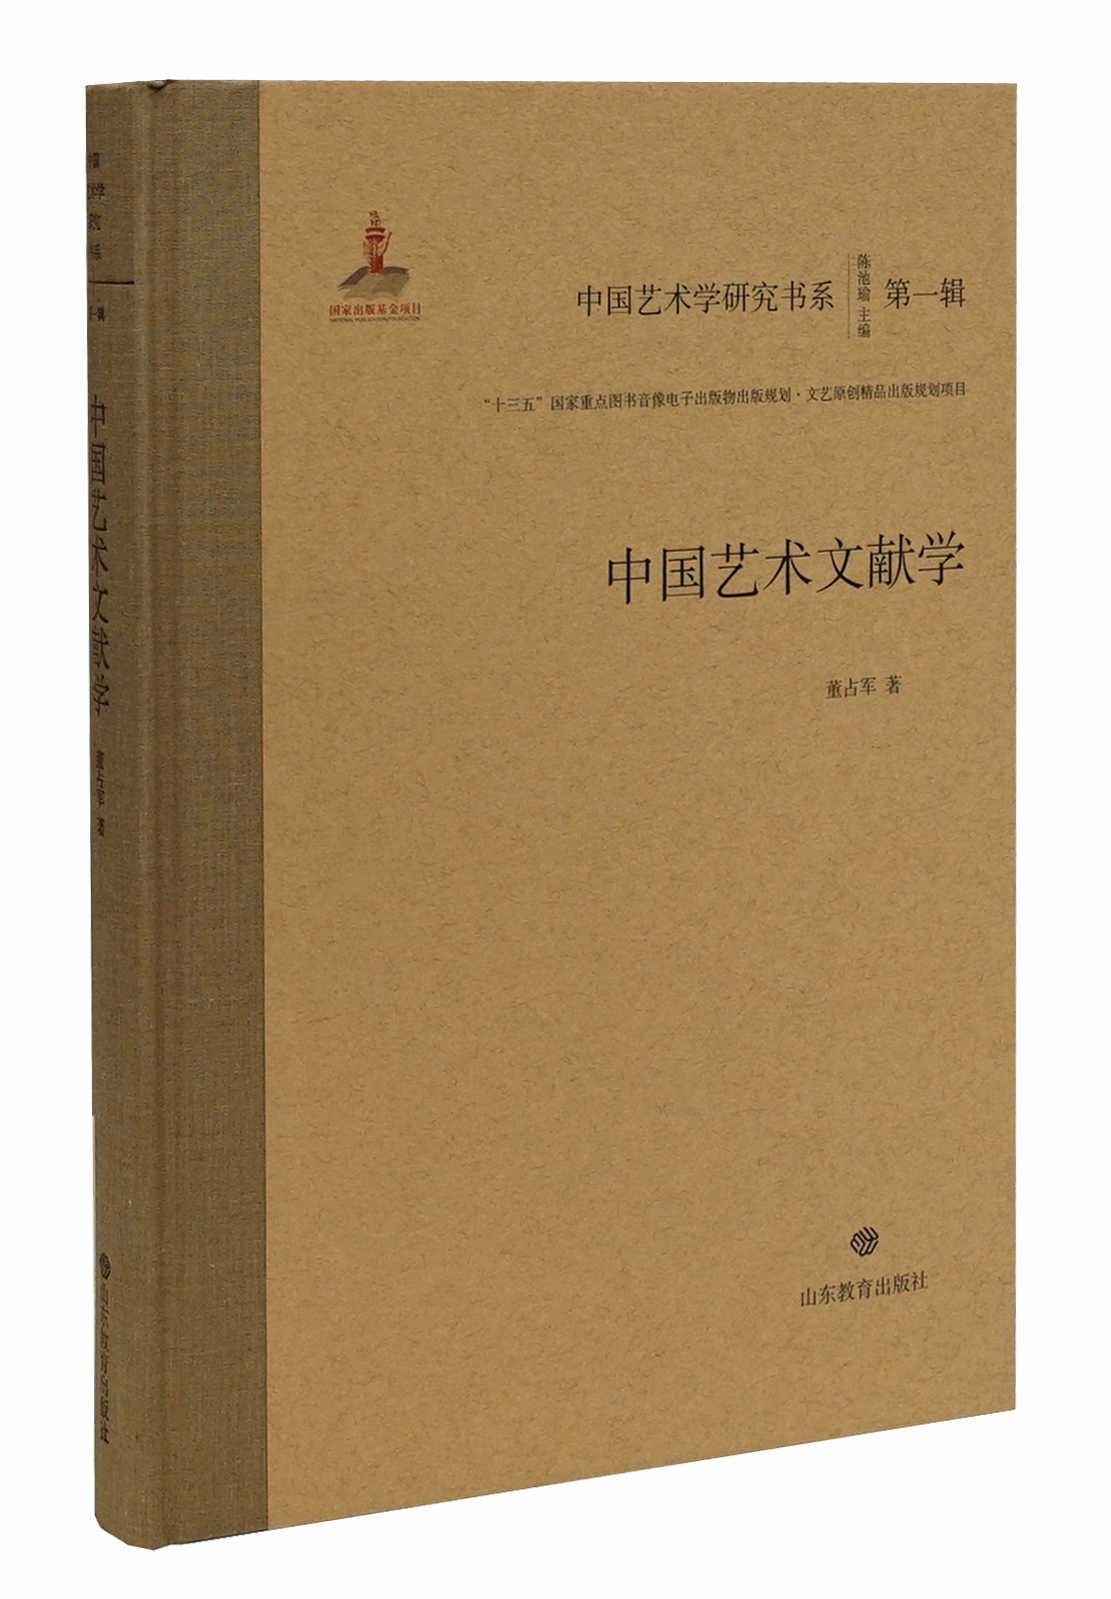 中国艺术文献学